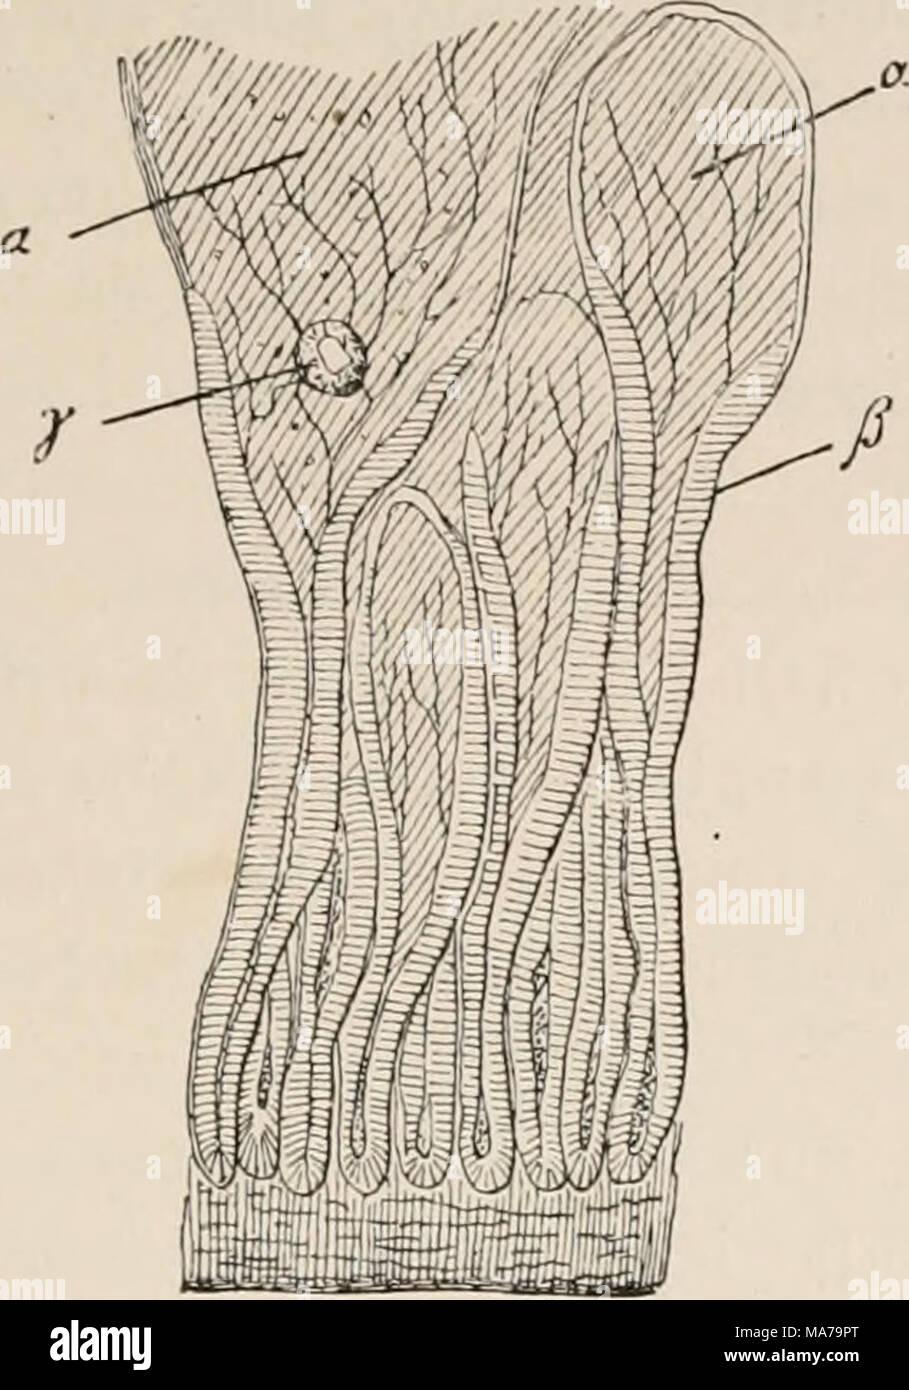 Ausgezeichnet Fallen Muskel Zeitgenössisch - Menschliche Anatomie ...